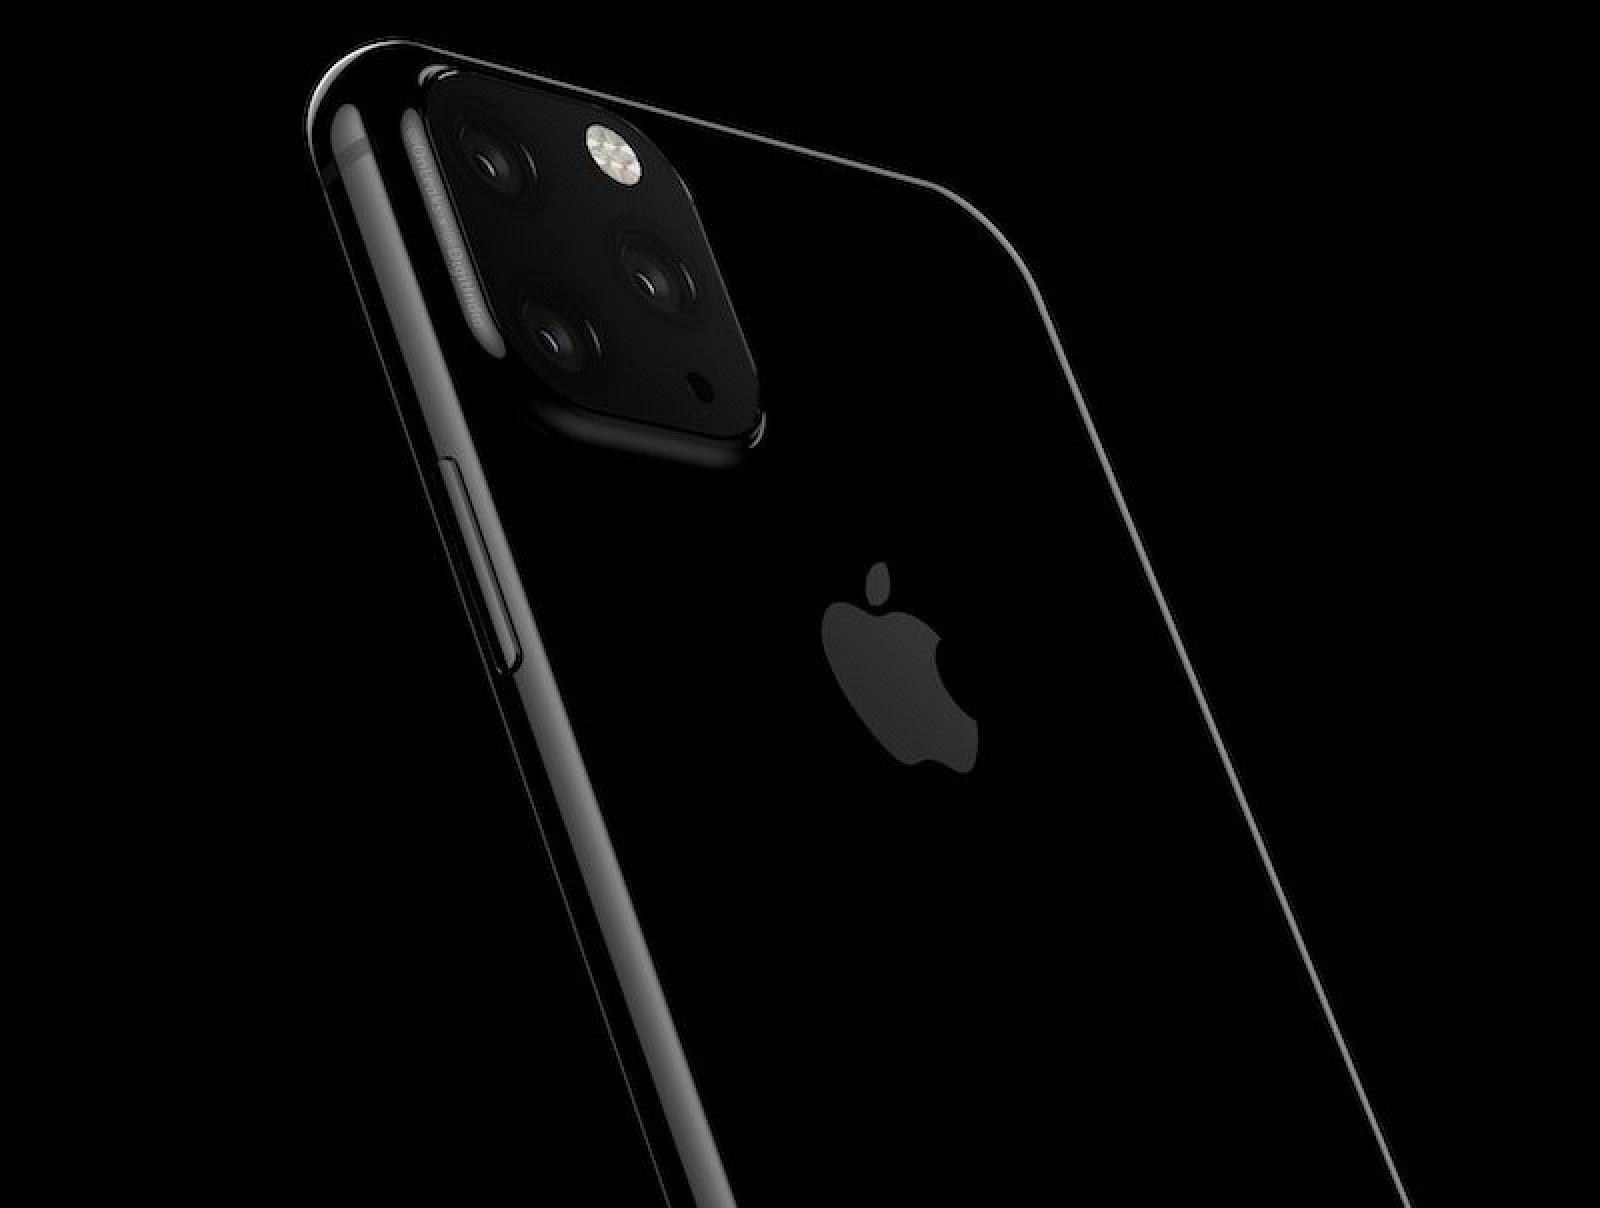 Thêm thông tin khẳng định iPhone 2019 sẽ có 3 camera, kích thước lớn hơn - Ảnh minh hoạ 2